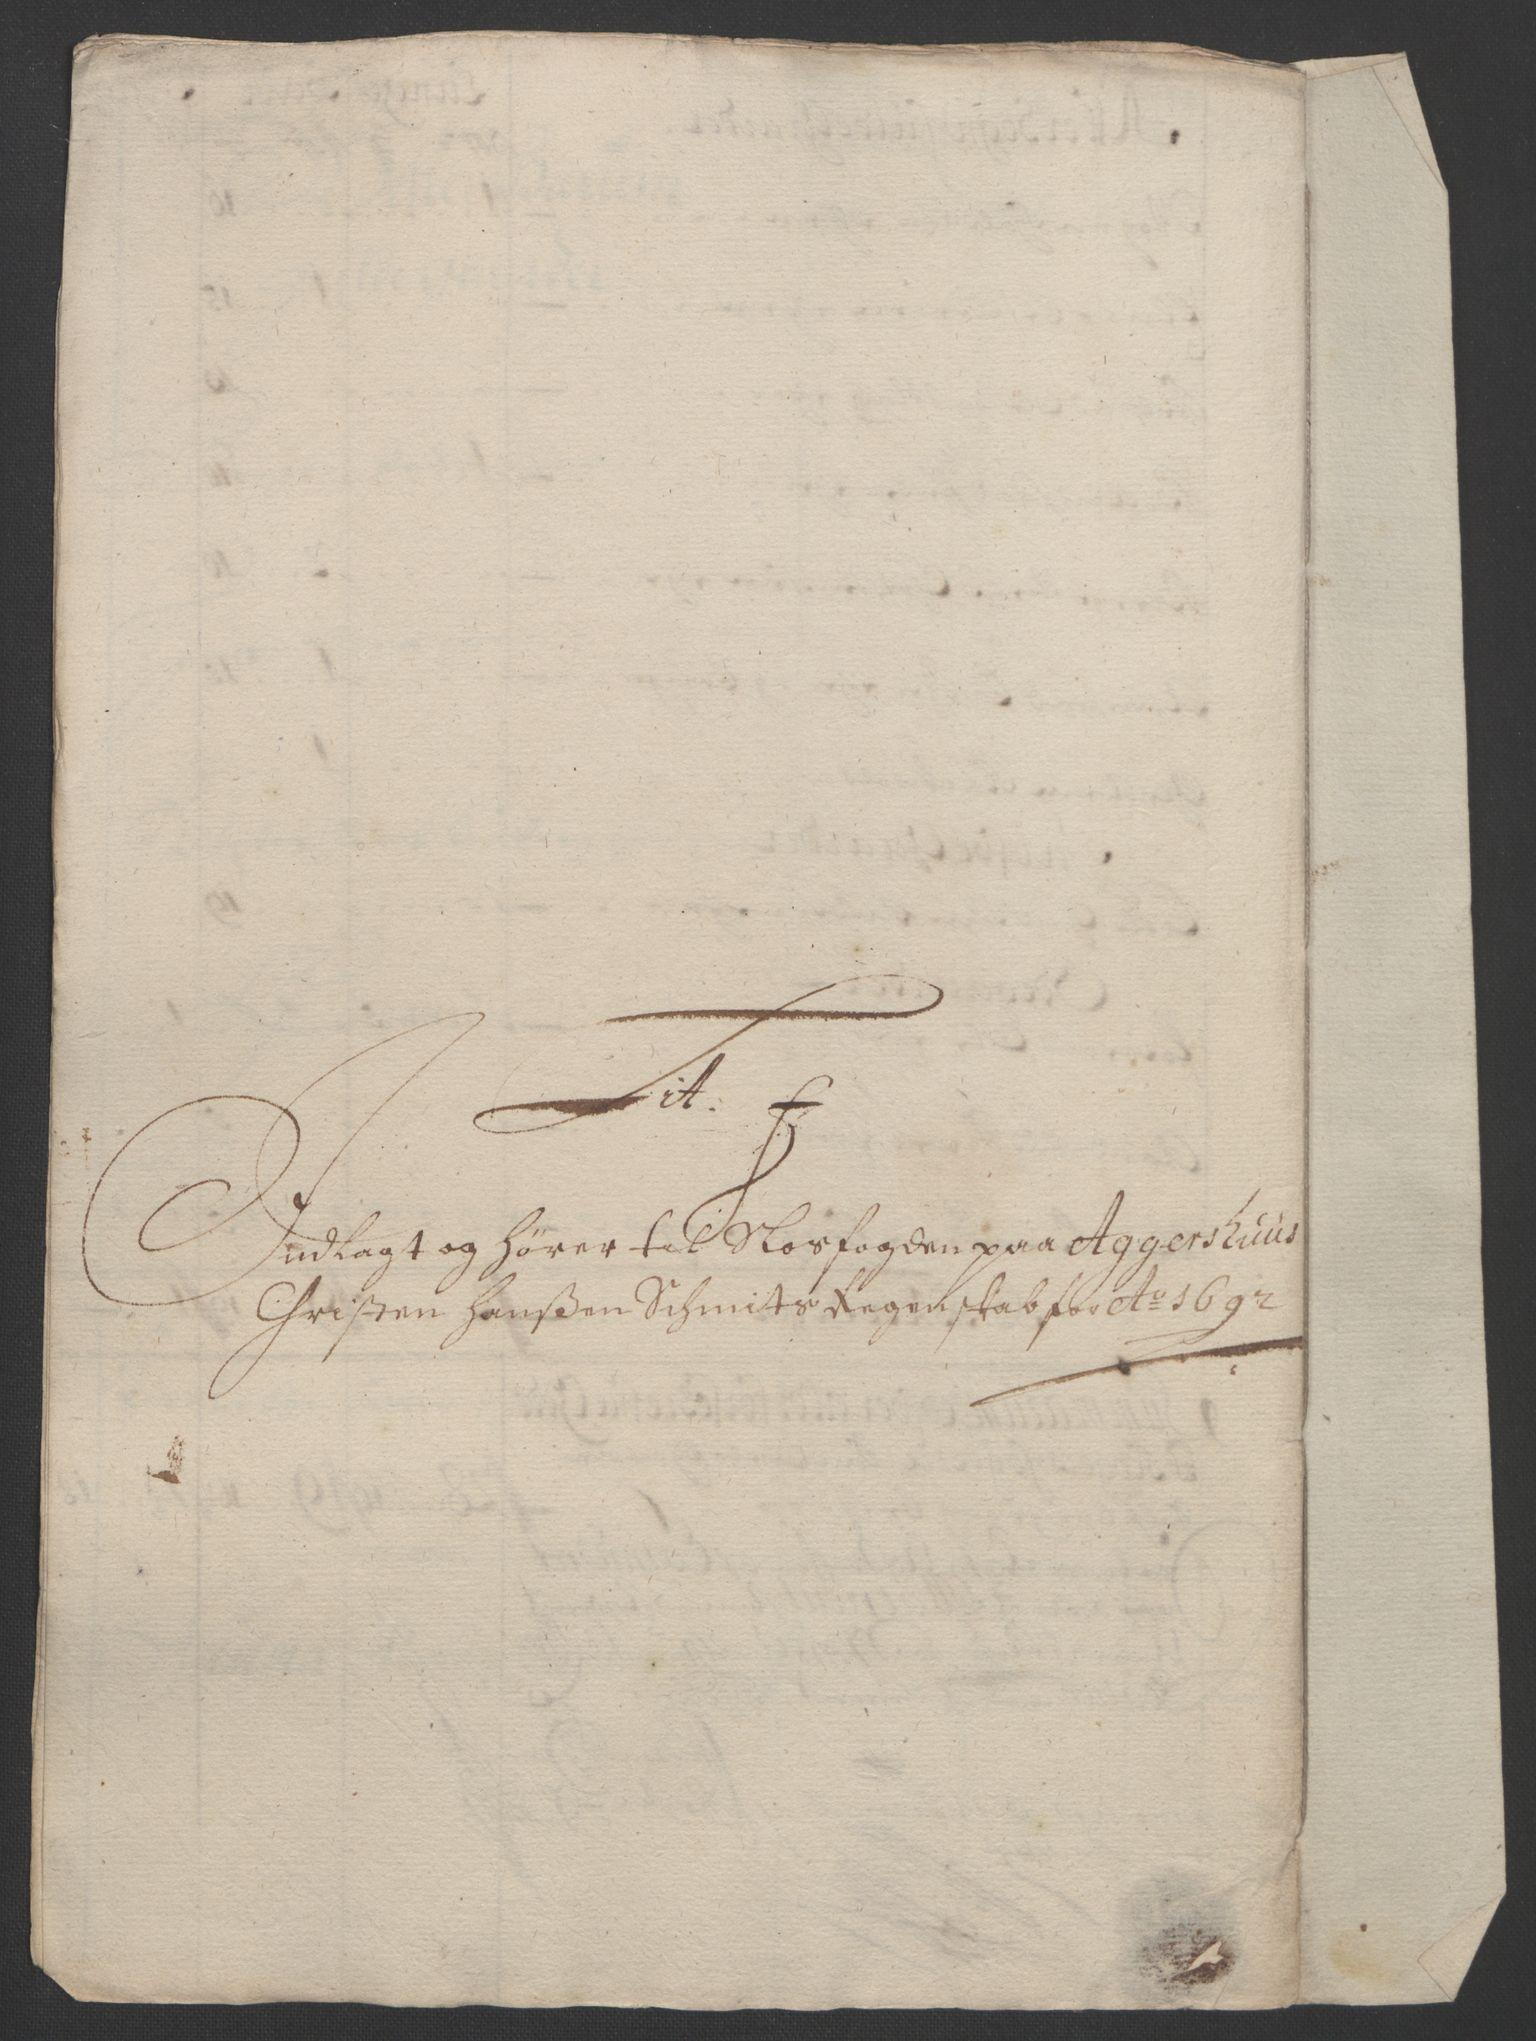 RA, Rentekammeret inntil 1814, Reviderte regnskaper, Fogderegnskap, R08/L0426: Fogderegnskap Aker, 1692-1693, s. 89